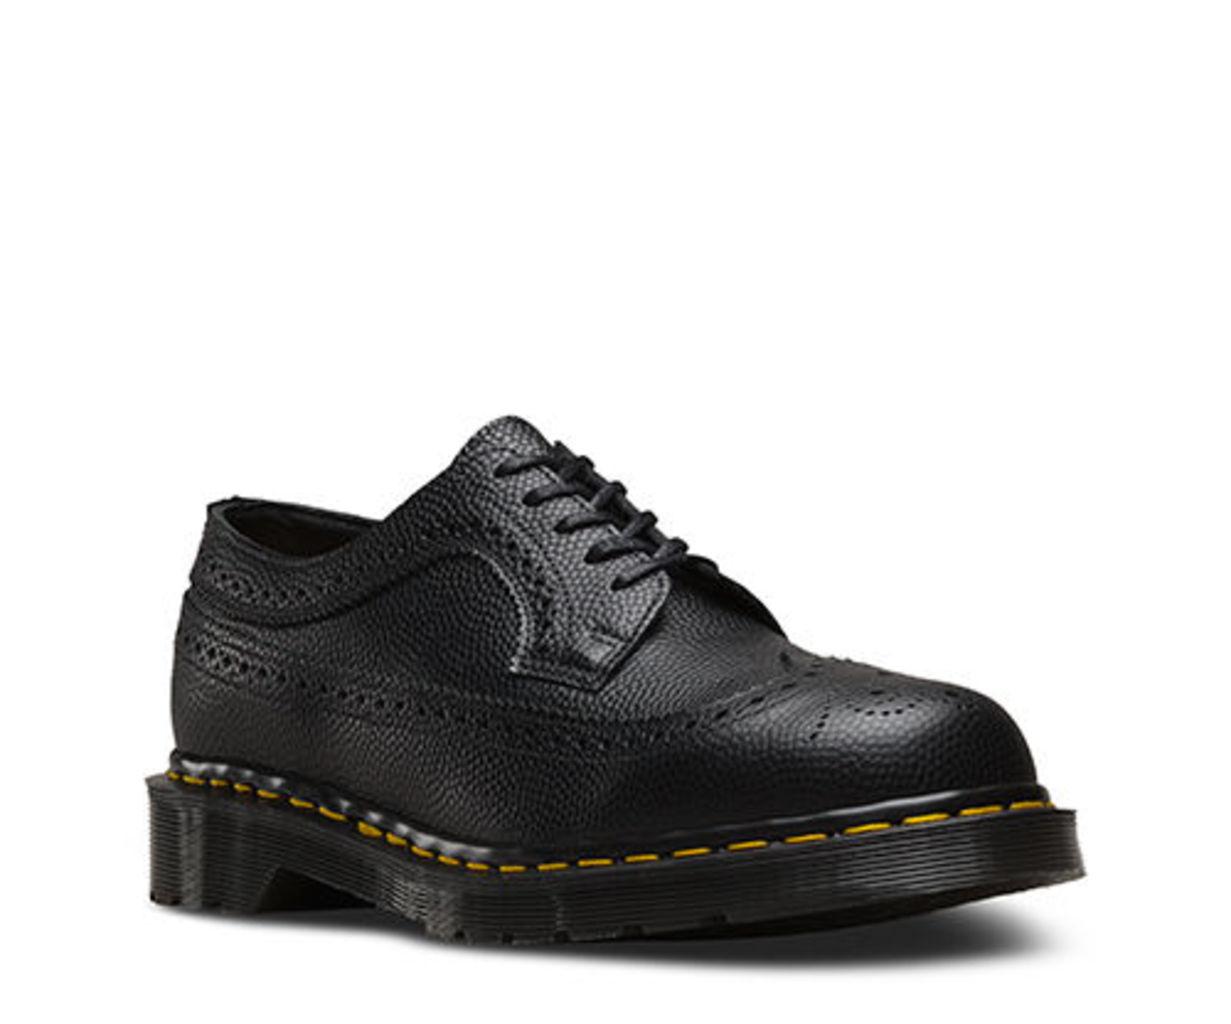 3989 Pebble Shoe